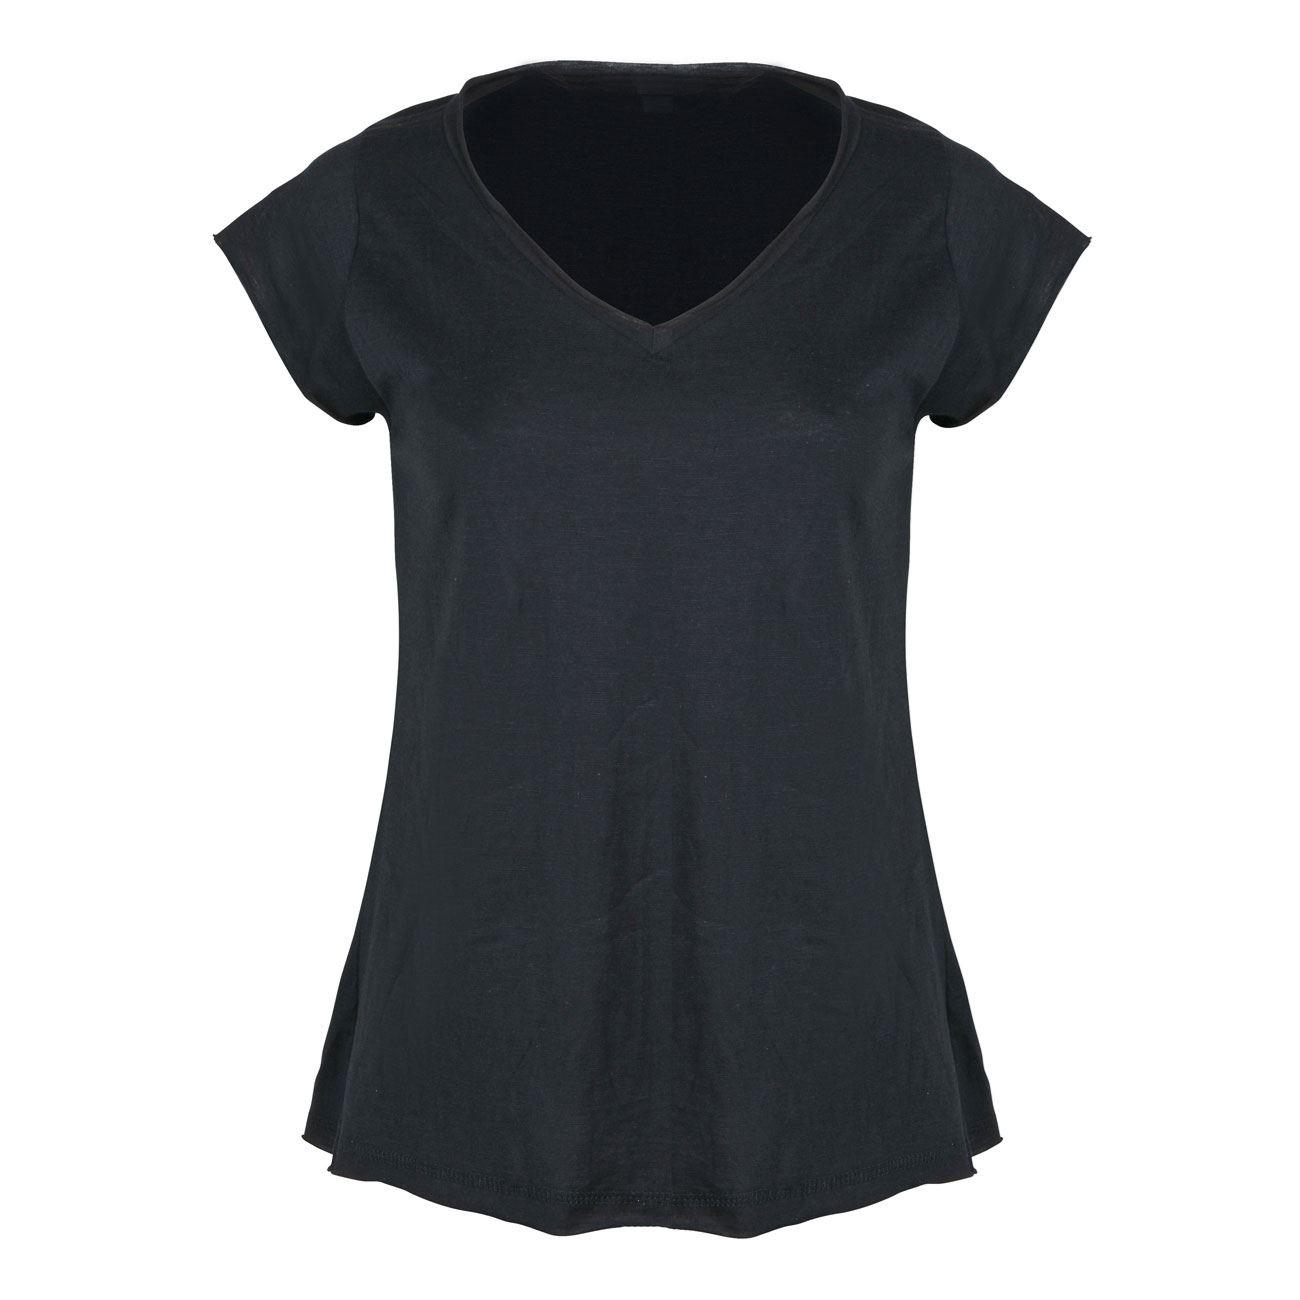 f5829ac8610f Μπλούζα Γυναικεία Κοντό Μανίκι Μαύρη Slub   Μπλούζες Κοντομάνικες Με ...